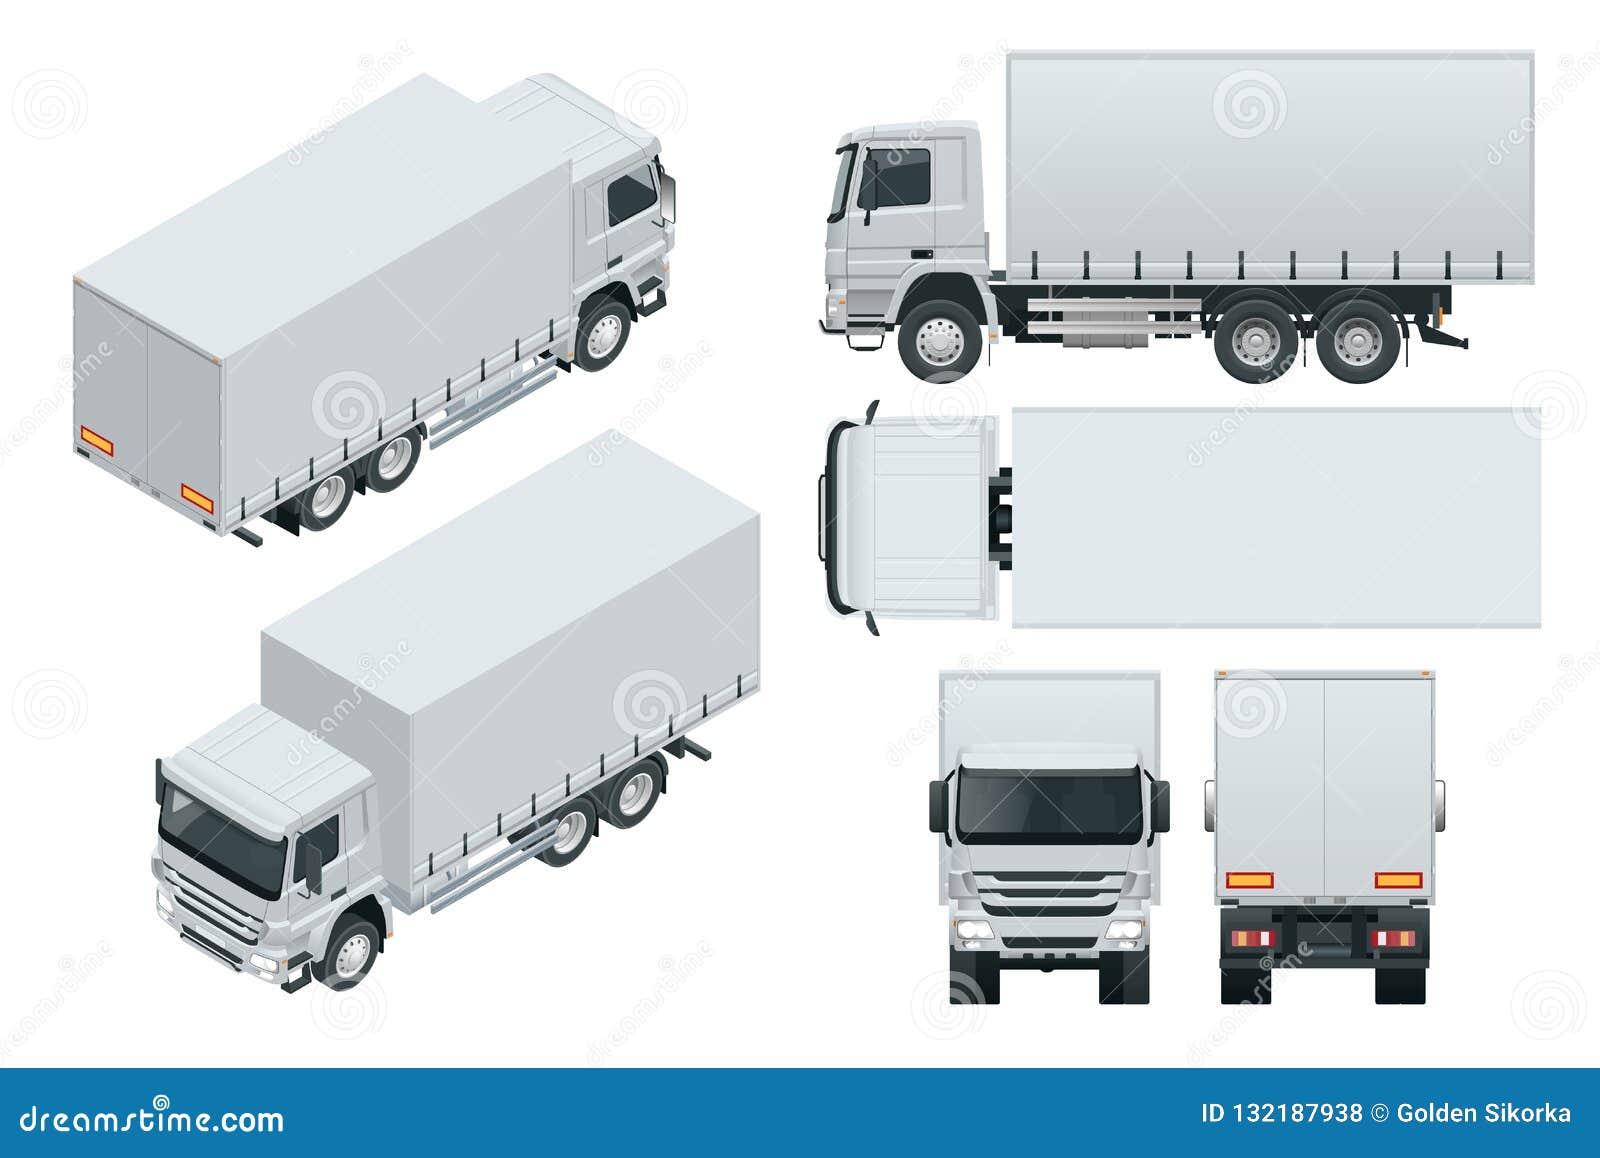 La consegna del camion, modello del camion ha isolato il modello su fondo bianco Vista isometrica, laterale, anteriore, posterior